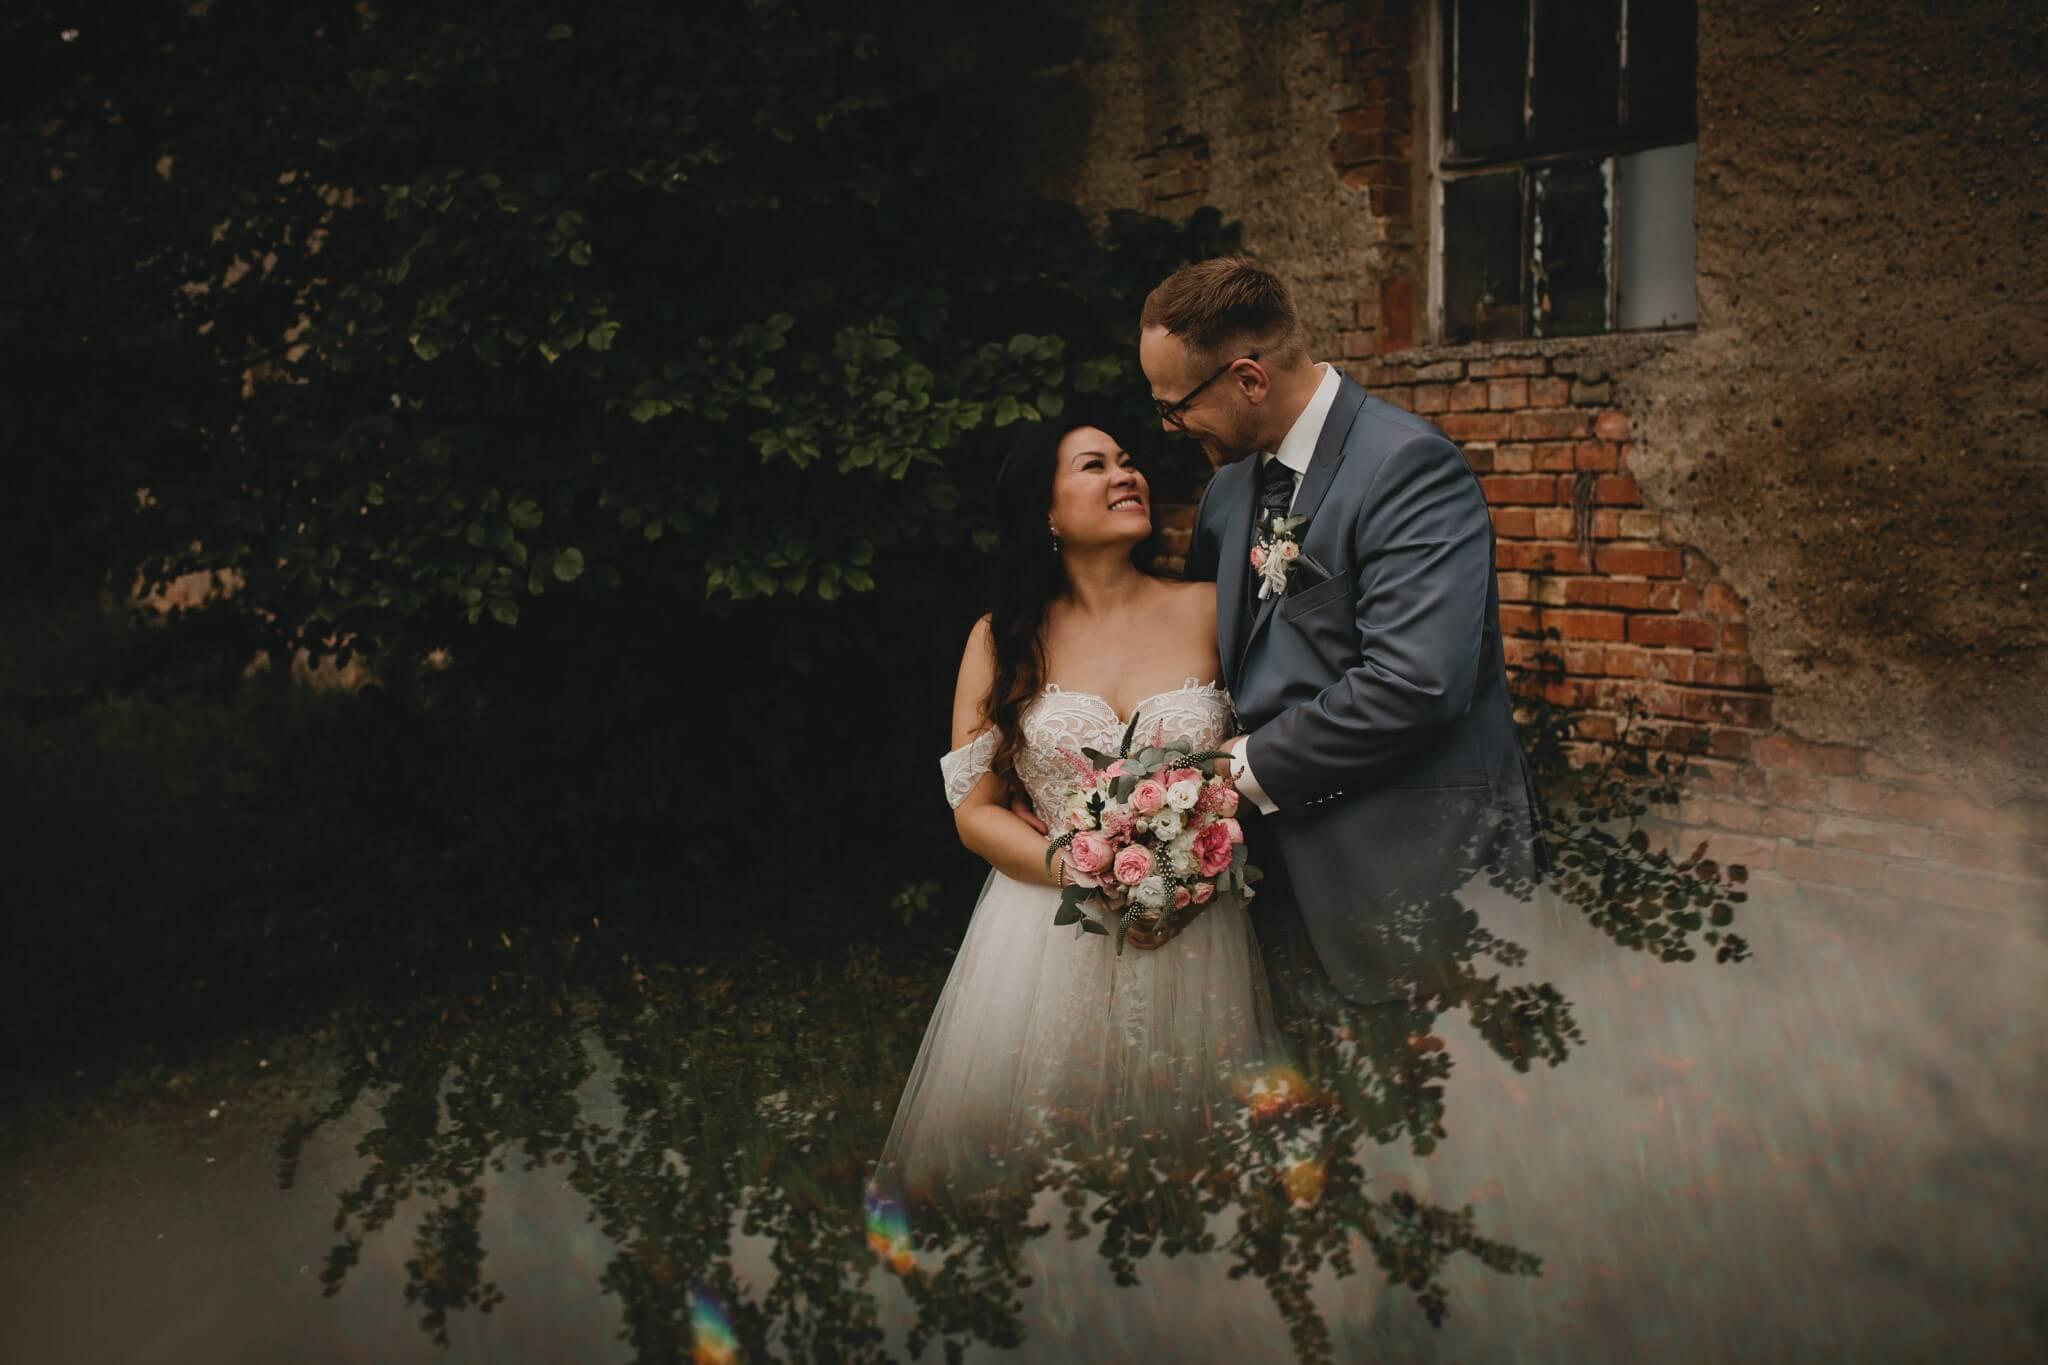 Romantische Schlosshochzeit in Seelow auf Schloss Wulkow geplant von Vivian Anna Hochzeitsplanung